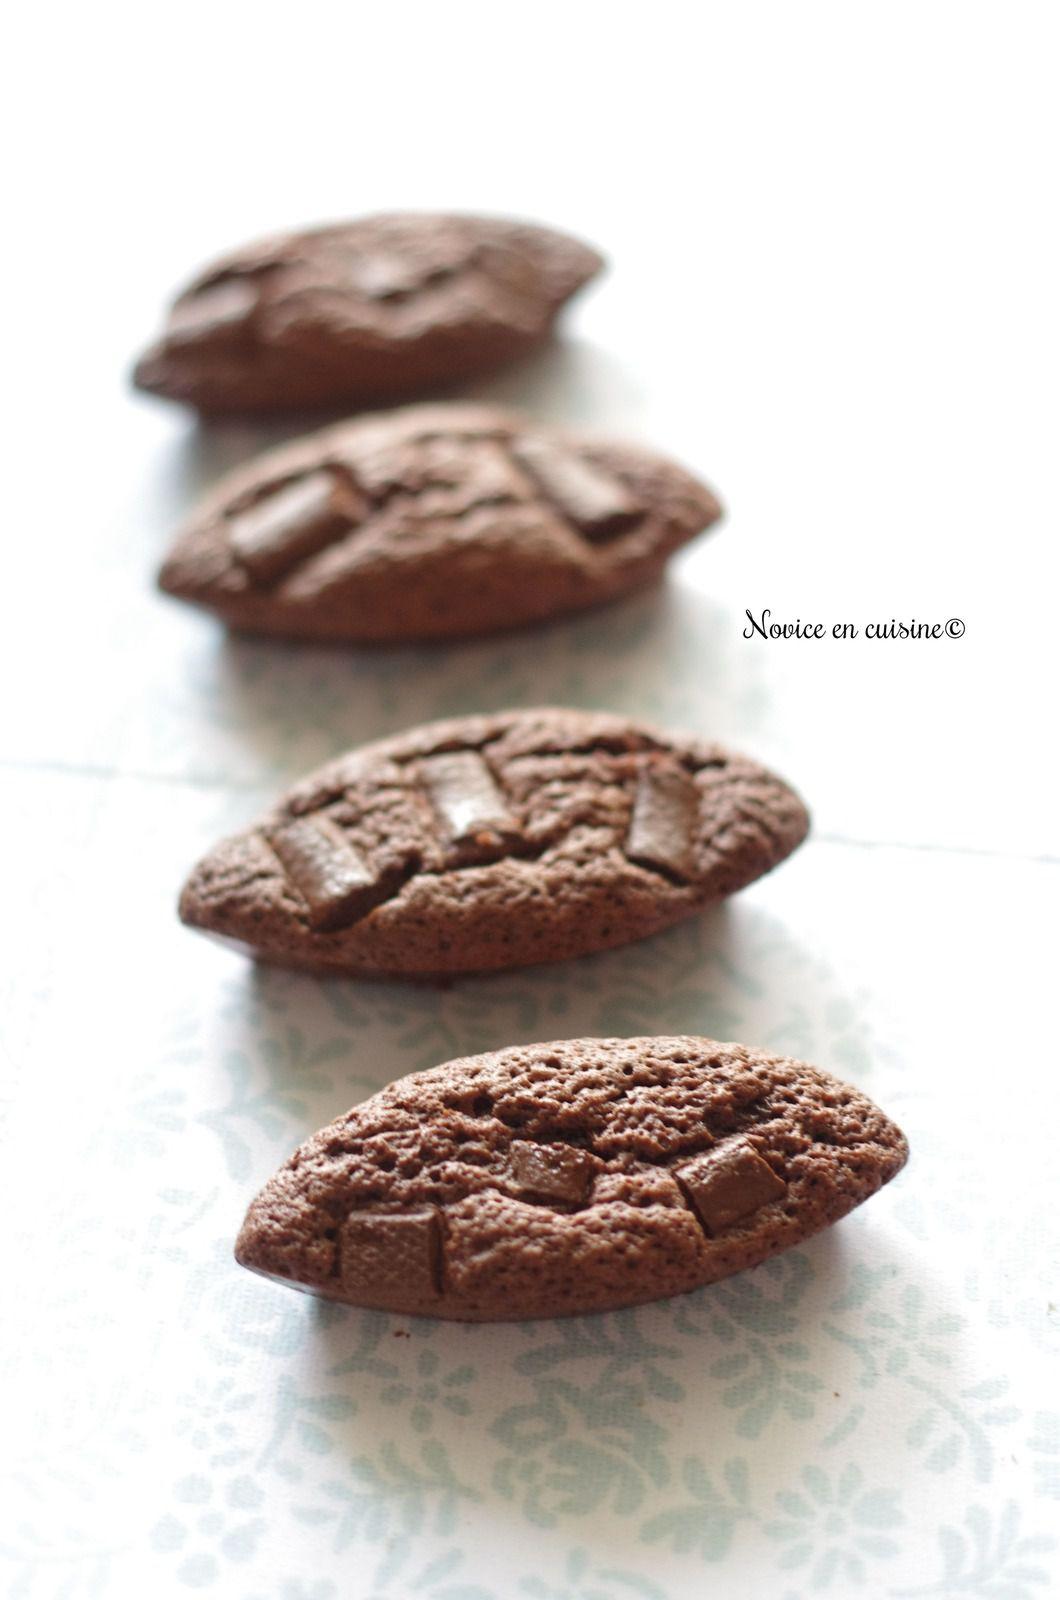 Petits gâteaux chocolat au beurre salé